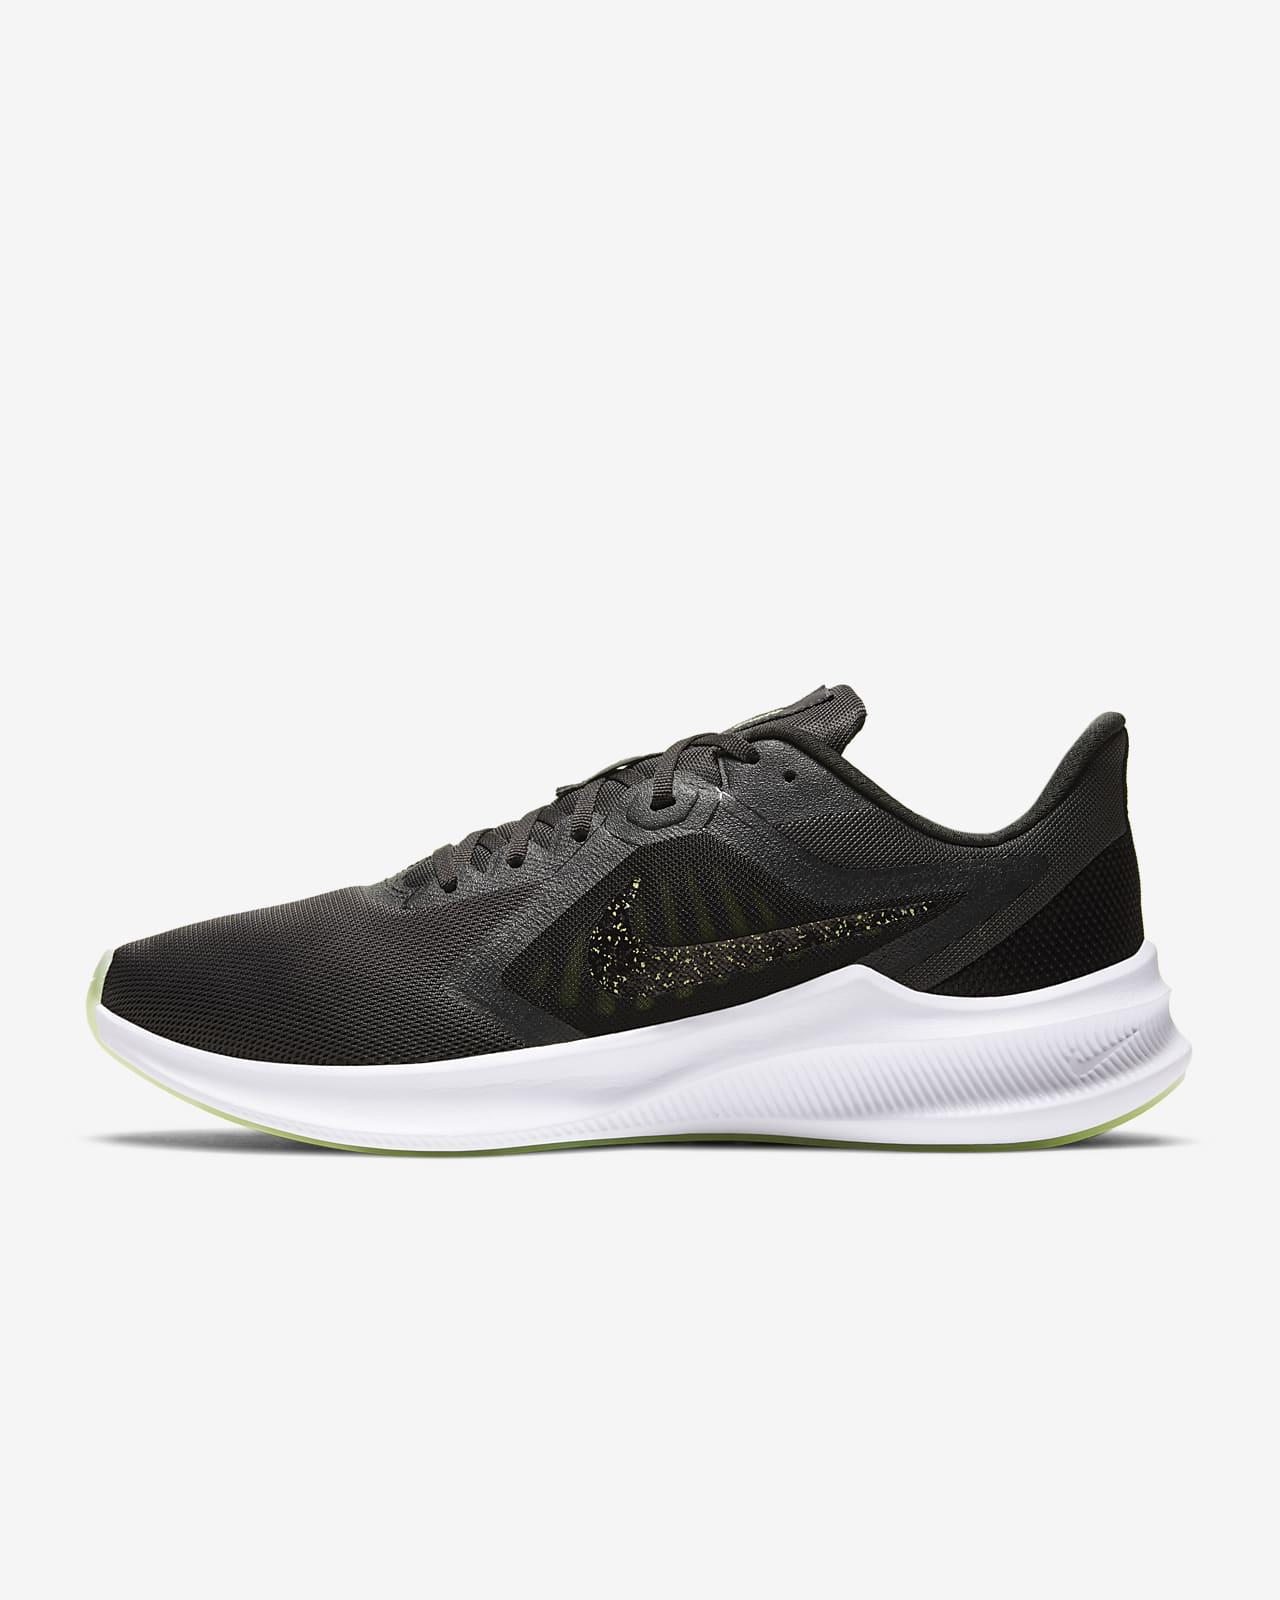 Löparsko Nike Downshifter 10 Special Edition för män